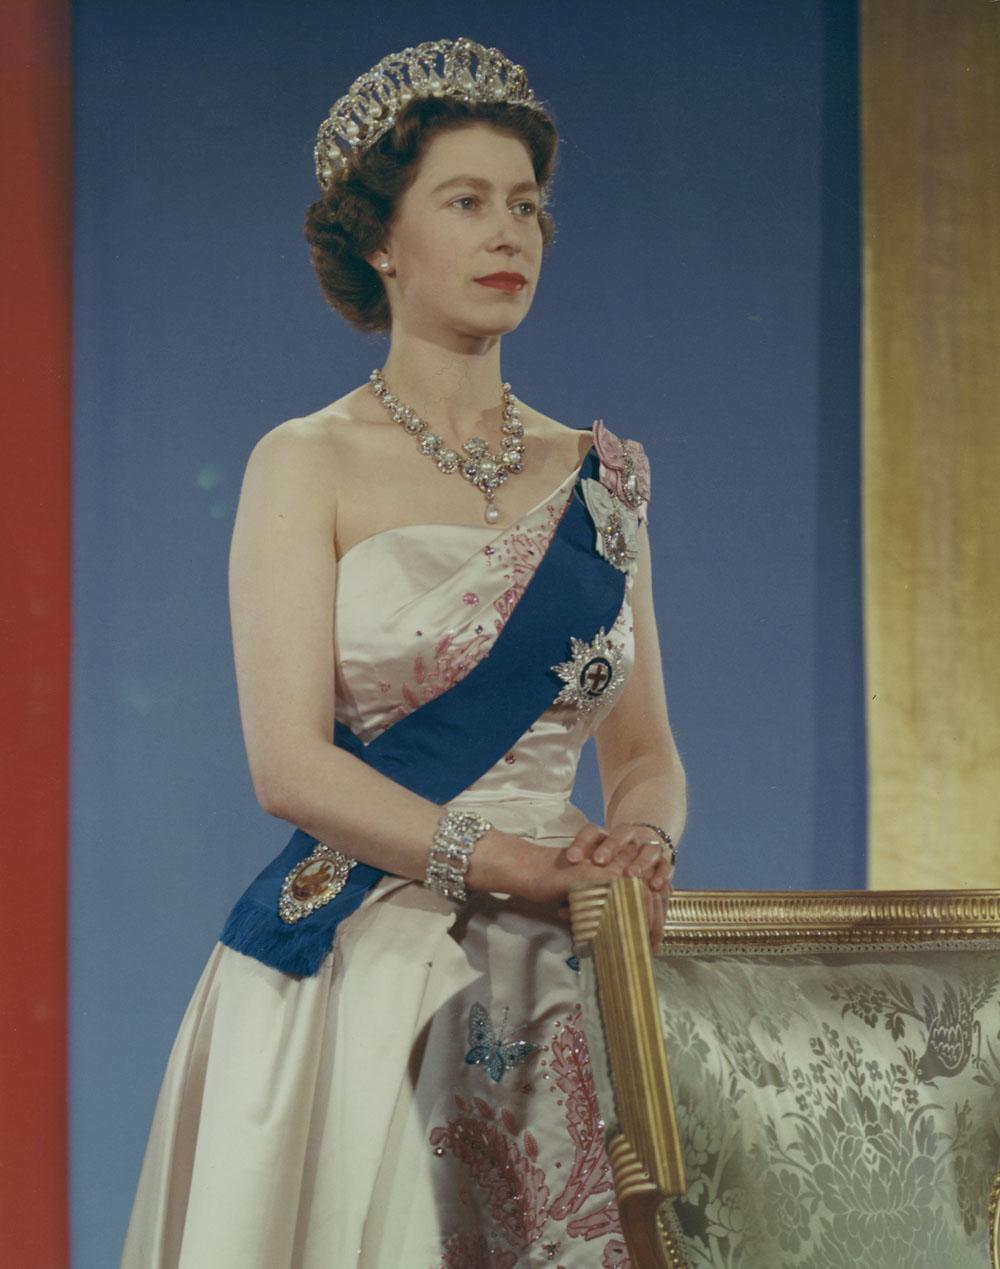 Jubil de diamant de la reine photographies le blogue de biblioth que et archives canada - La reine de la deco ...